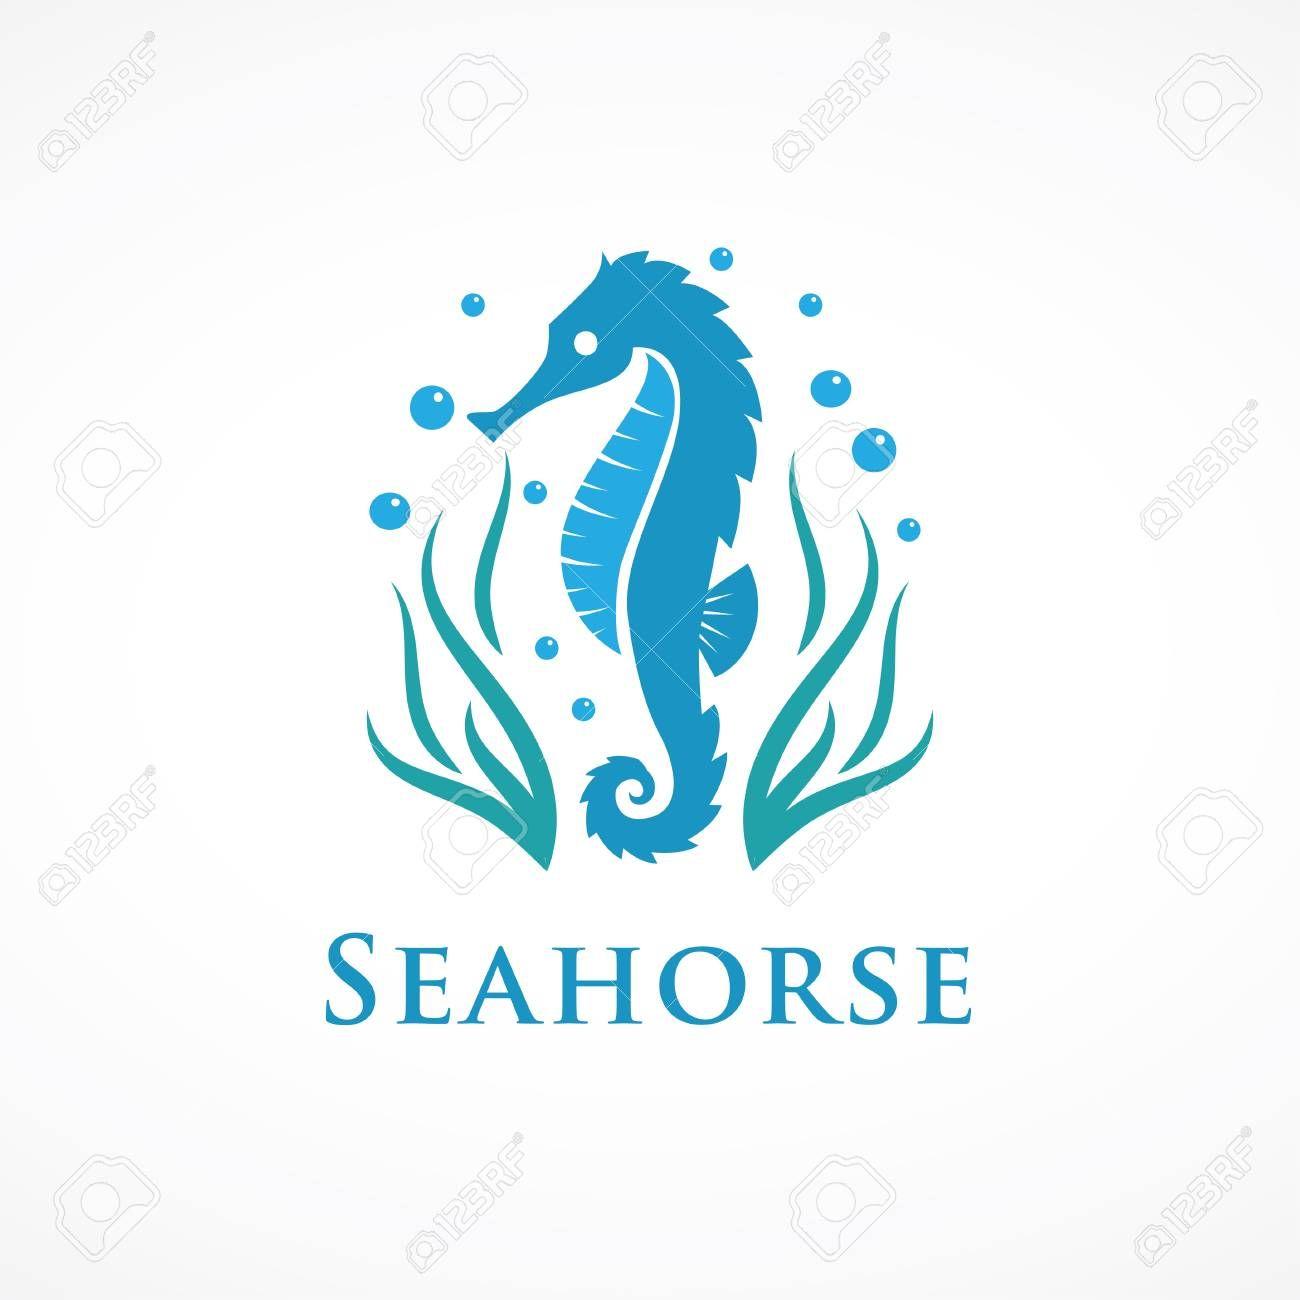 Seahorse Logo Google Search Hotel Logo Design Hotel Logo Logo Design